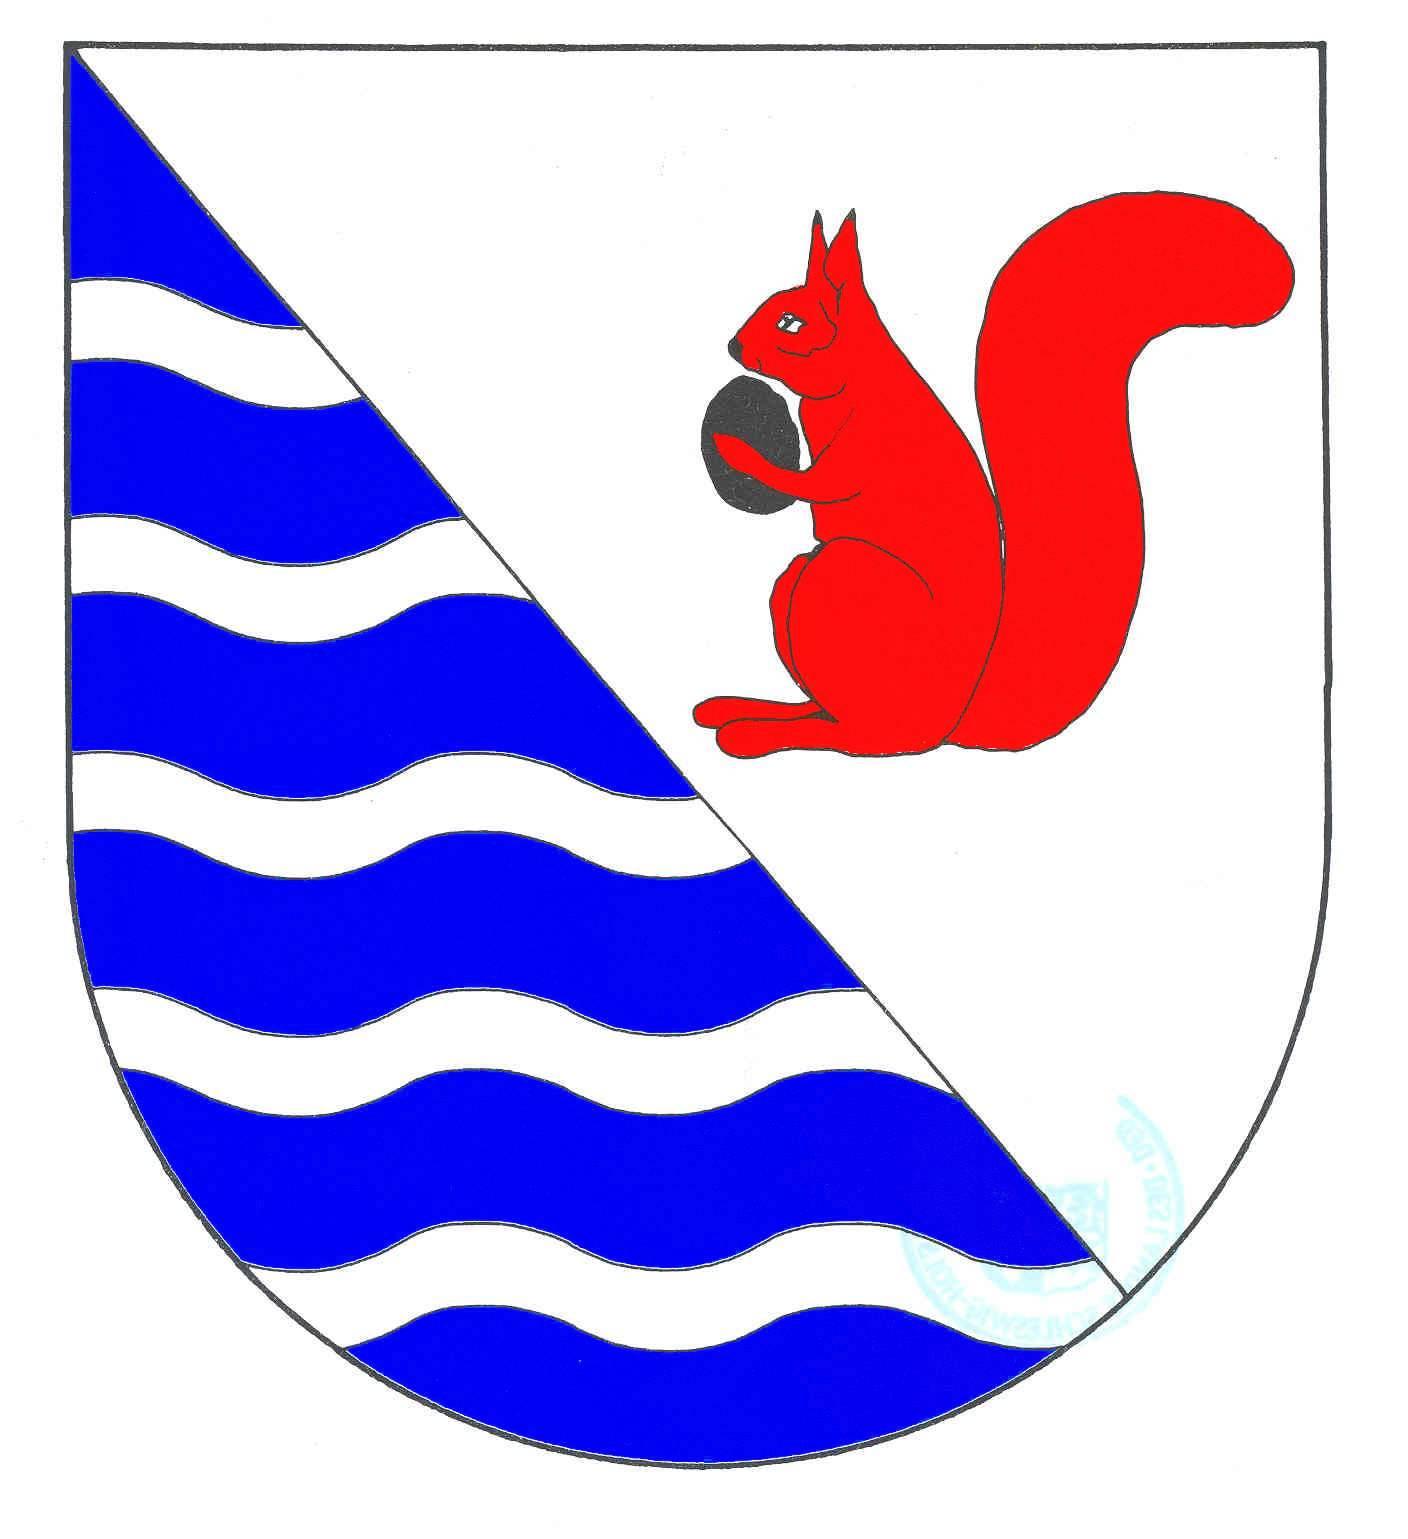 Wappen GemeindeWestensee, Kreis Rendsburg-Eckernförde